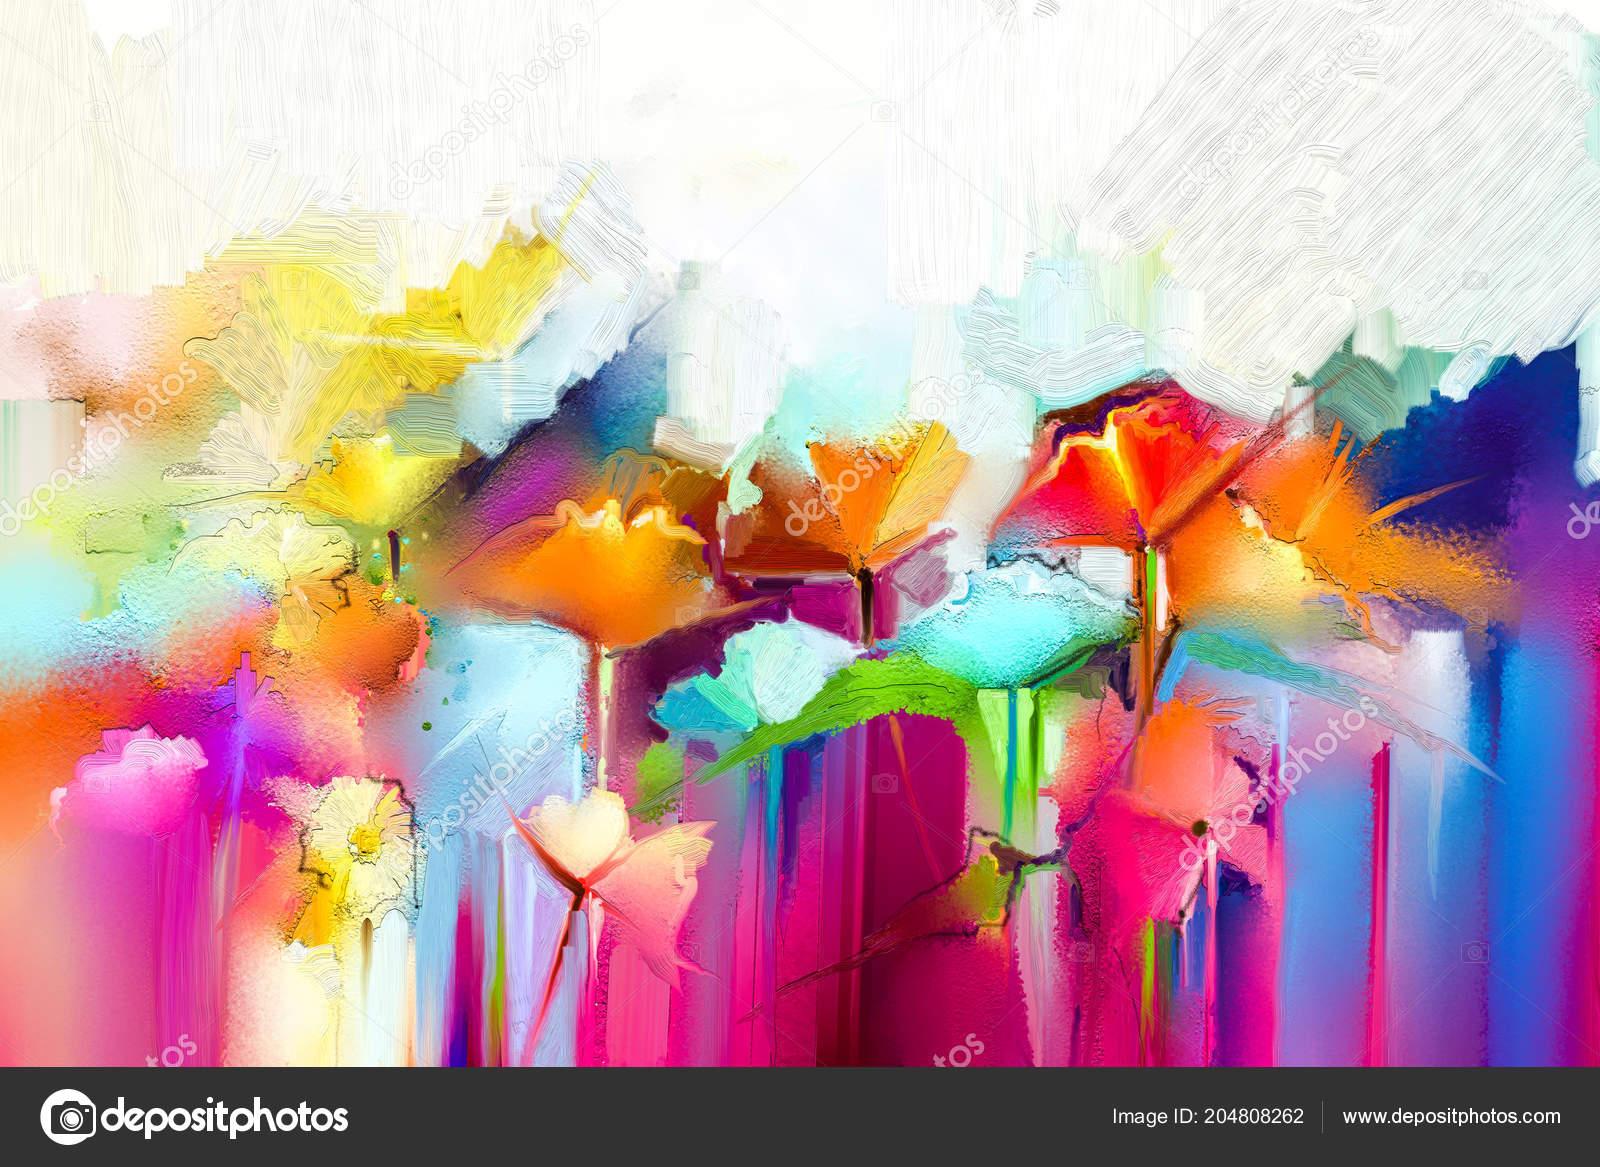 Zeer Abstract Kleurrijk Schilderij Doek Semi Abstracte Afbeelding Van @WY77